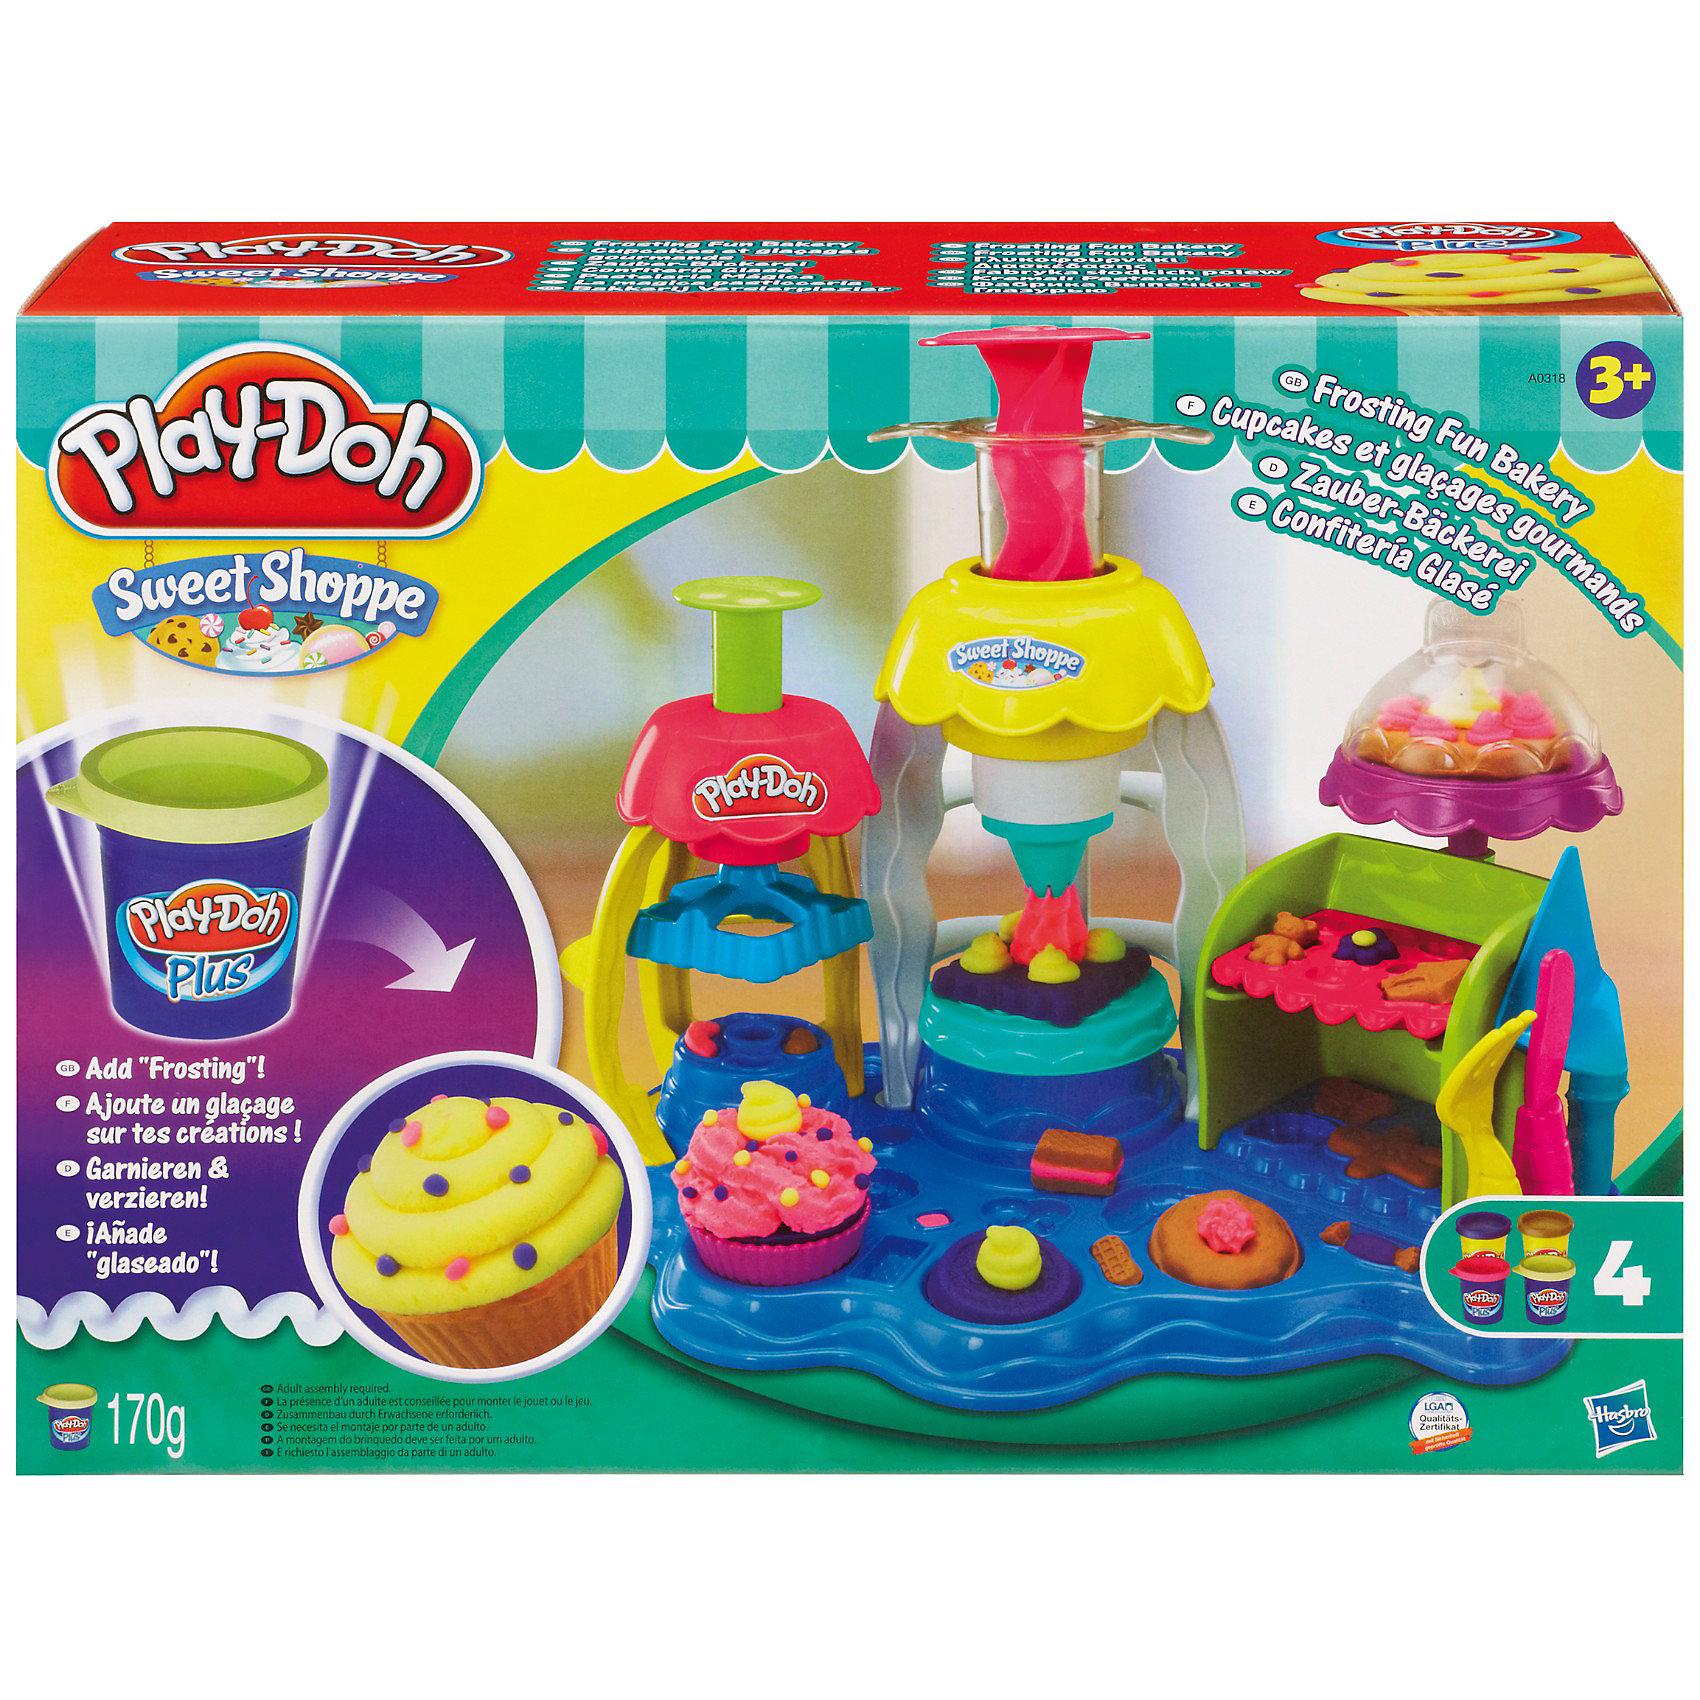 Игровой набор Фабрика пирожных, Play-Doh PlusИгровой набор Фабрика пирожных, Play-Doh позволит вашему ребенку наладить собственное производство сладостей!<br>С помощью PLAY-DOH PLUS  Вы можете создать более реалистичные детали сладостей, при меньших усилиях! С его помощью ребенок сможет слепить даже самые маленькие детали!<br>Его структура более мягкая и приятная на ощупь. Имеет сладкий запах, но соленый на вкус!! Розочки, цветочки, фигурки - все, что пожелаете! А благодаря фабрике и множеству формочек, входящих в комплект, Вы можете создать всевозможные пирожные, печенья и другие угощения.<br><br>Дополнительная информация:<br><br>- В комплекте также 2 банки с пластилином Play-Doh и 2 с пластилином Play-Doh PLUS (в синей баночке) С его помощью ребенок сможет слепить даже самые маленькие детали!<br>Его структура более мягкая и приятная на ощупь. Имеет сладкий запах, но соленый на вкус!!<br><br>Игровой набор Фабрика пирожных, Play-Doh (Плей-До) можно купить в нашем магазине.<br><br>Ширина мм: 330<br>Глубина мм: 231<br>Высота мм: 119<br>Вес г: 943<br>Возраст от месяцев: 36<br>Возраст до месяцев: 72<br>Пол: Унисекс<br>Возраст: Детский<br>SKU: 2599575